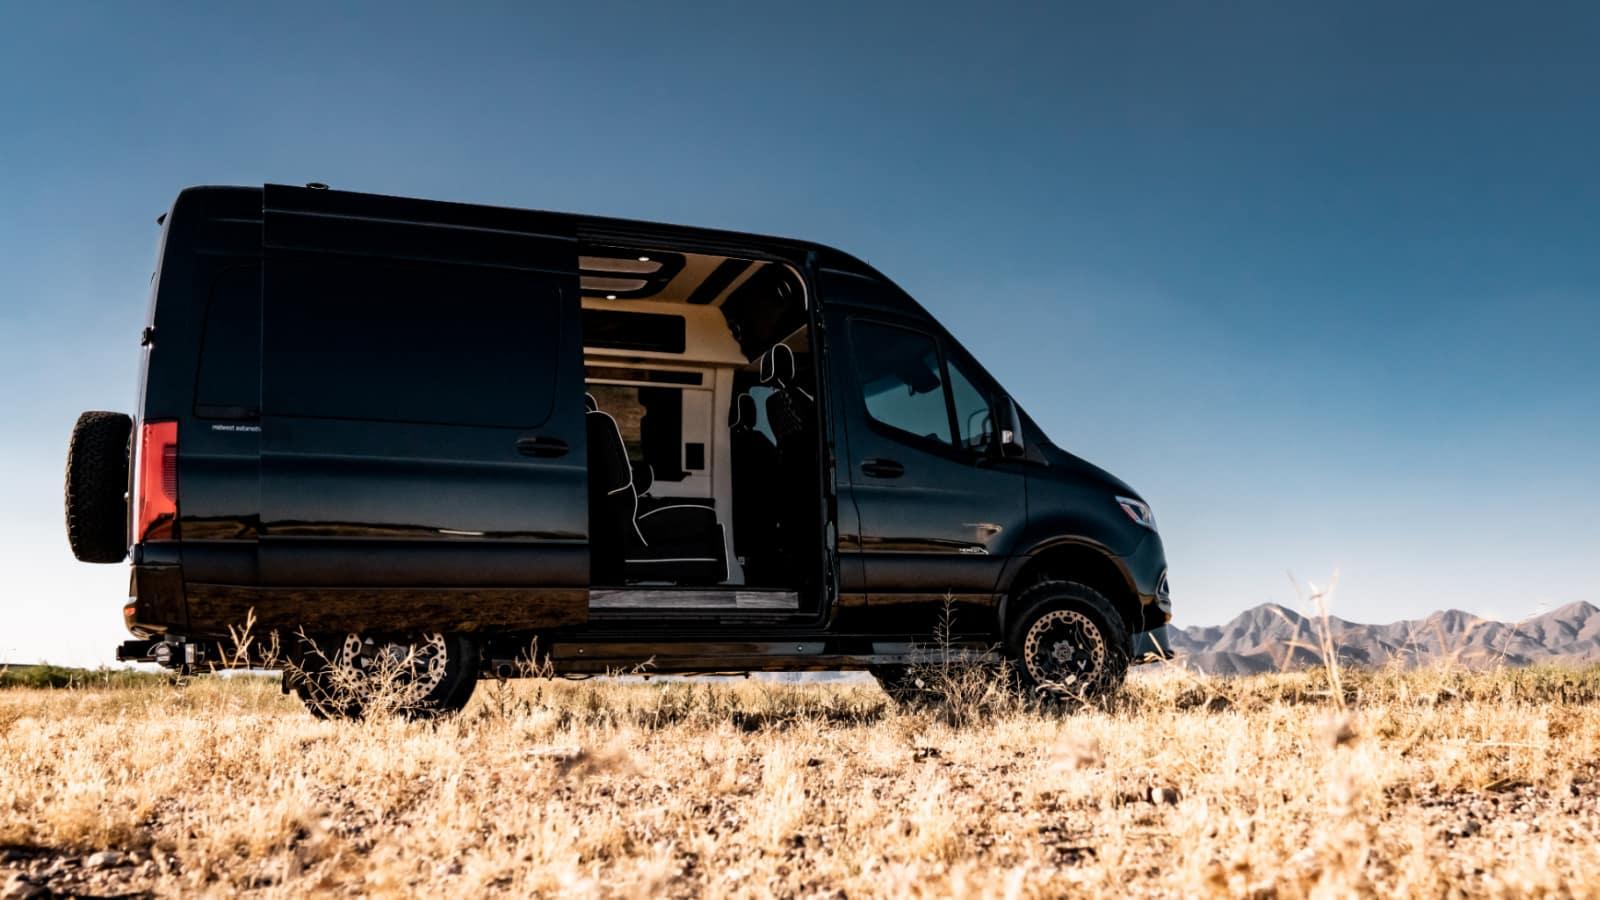 Black 144 4WD LUXE Daycruiser